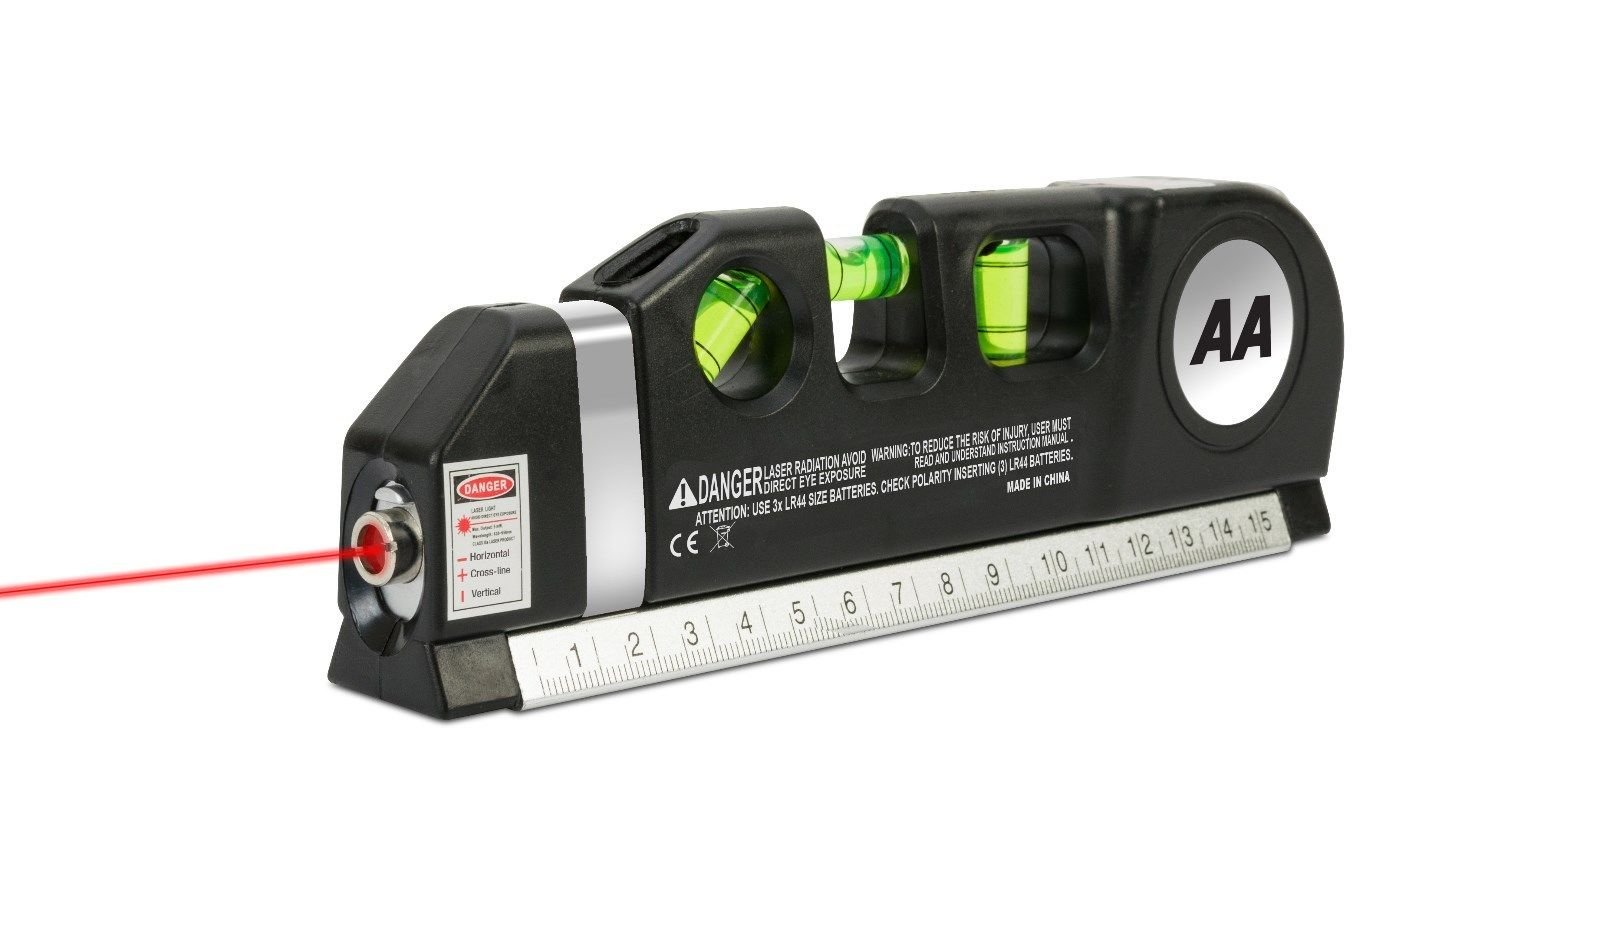 Measuring Tape Semlos Multipurpose Laser Level Standard and Metric Tape Ruler Spirit Levels 8ft//250cm